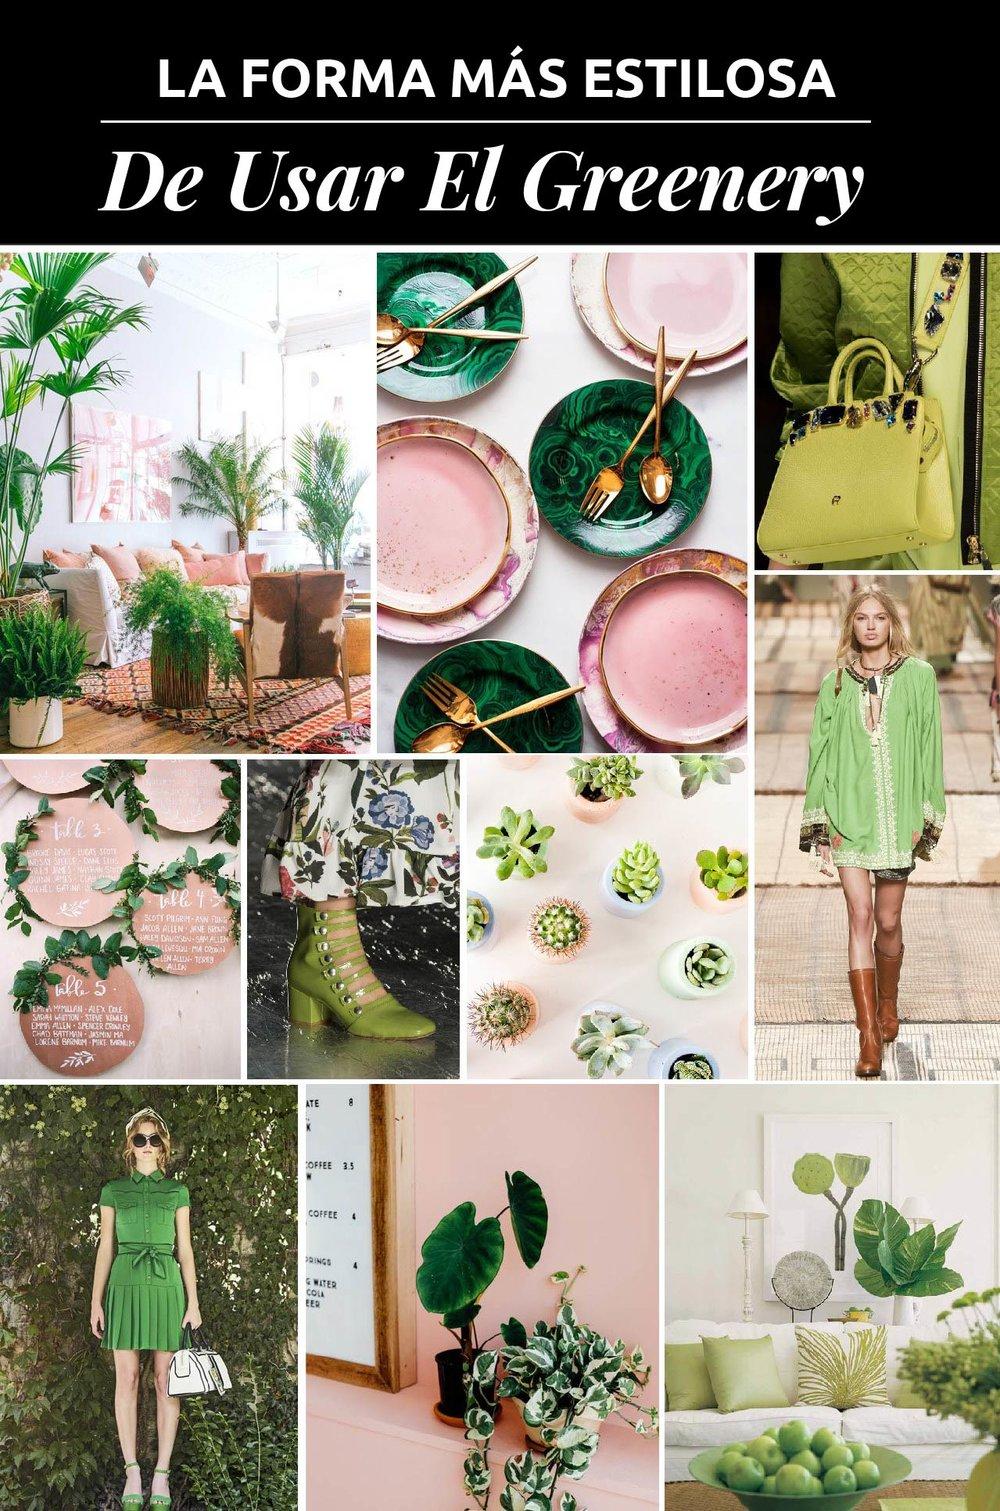 Greenery es el color del 2017. Es una tono refrescantes que simboliza nuevos inicios. ¿Quieres saber como usarlo? ¡Descubre mi combo favorito!